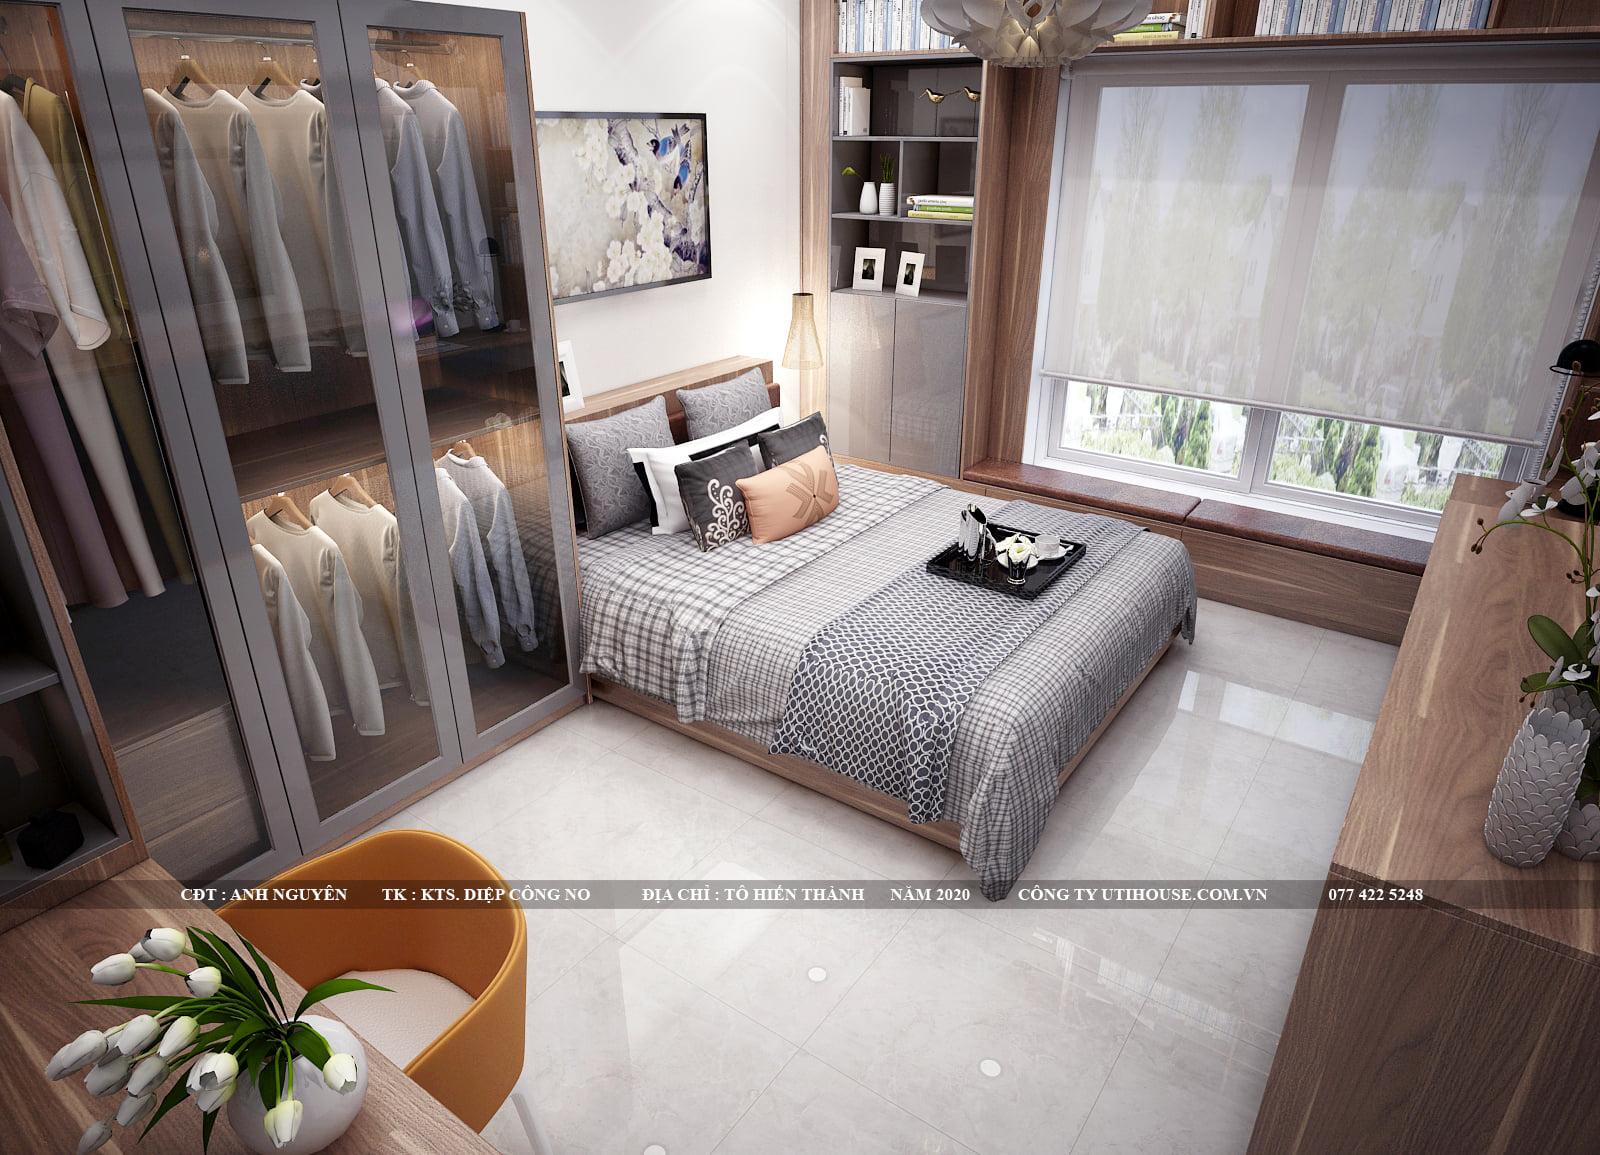 Xu hướng thiết kế nội thất phòng ngủ sử dụng đồ nội thất thông minh